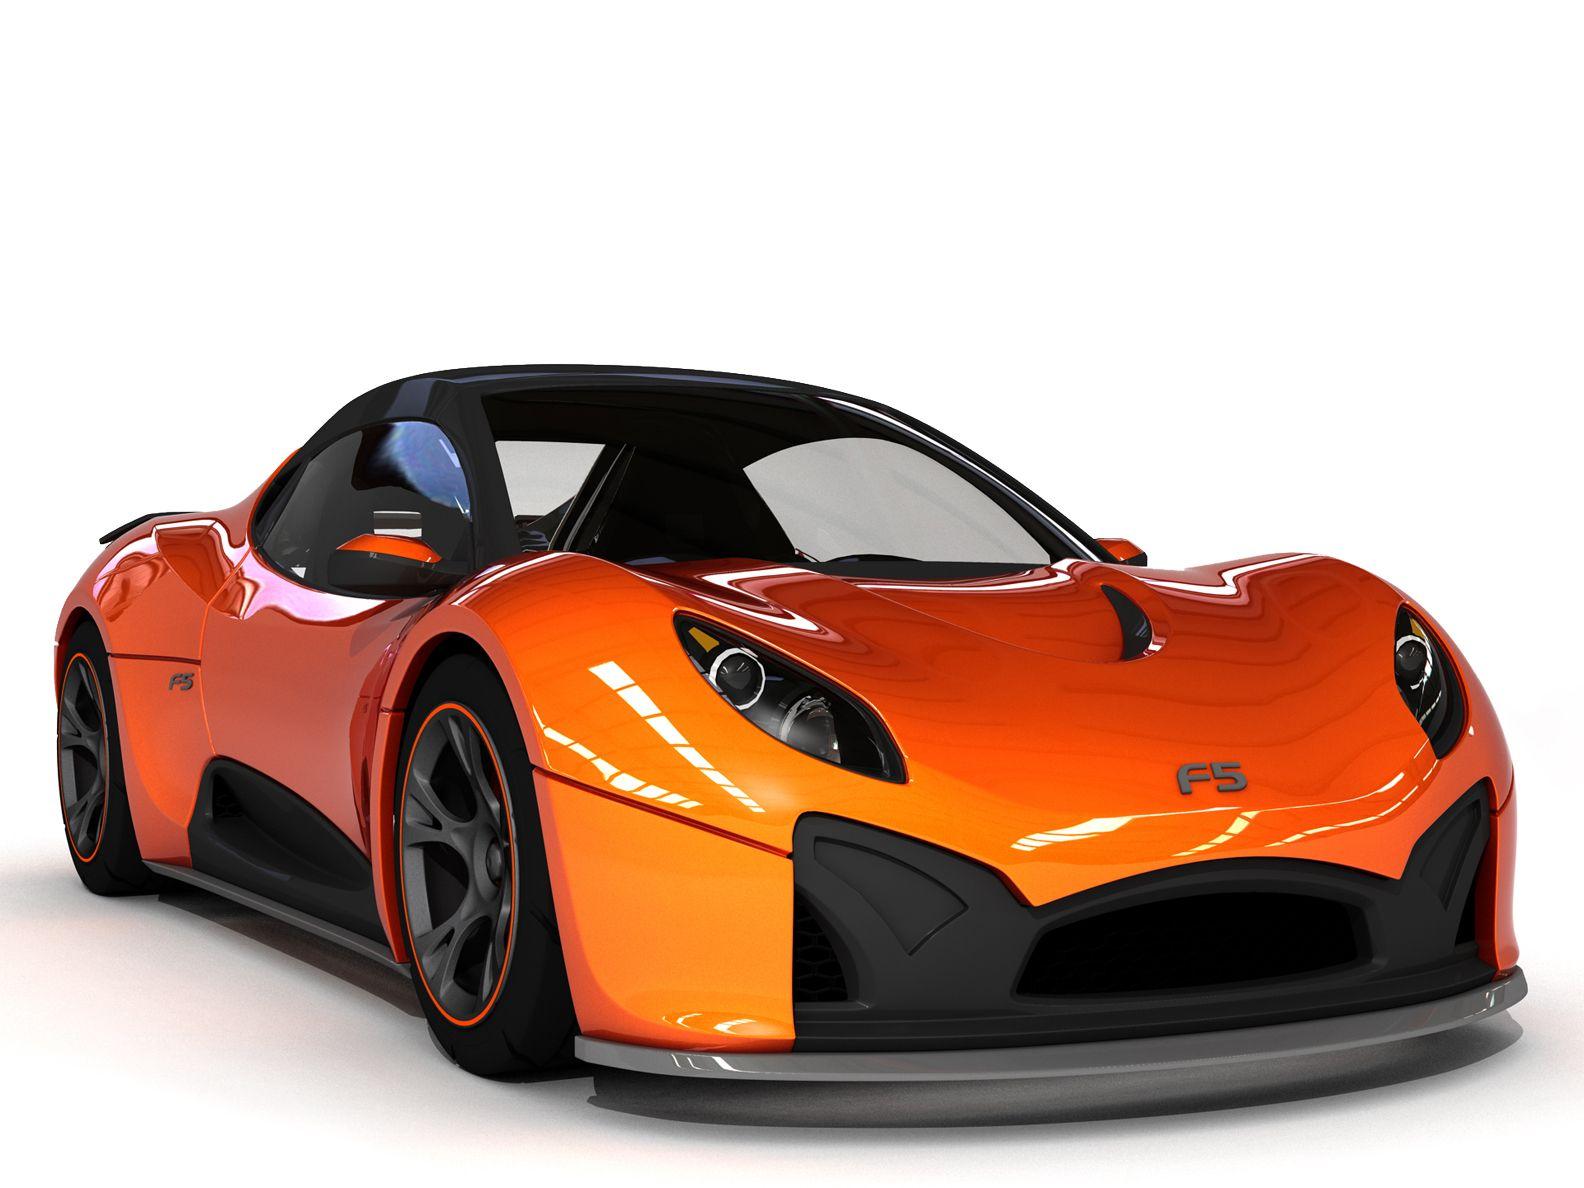 cars orange cool sports running gear fast wheel rear drive gears frames project